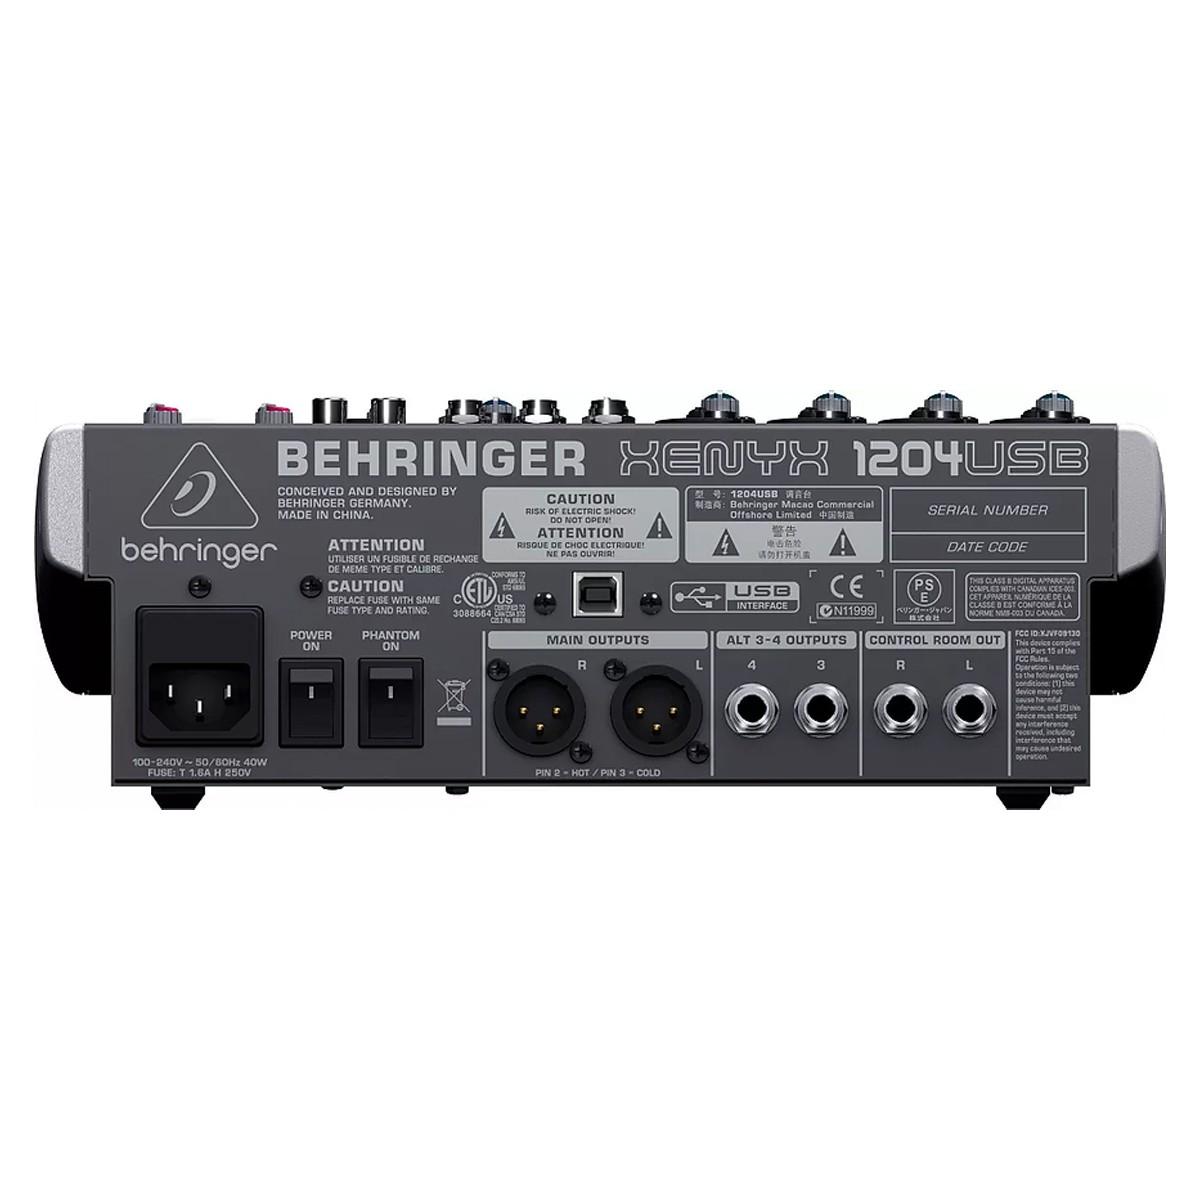 Mesa 4 canais XLR + 2 Estéreo USB Behringer XENYX 1204USB